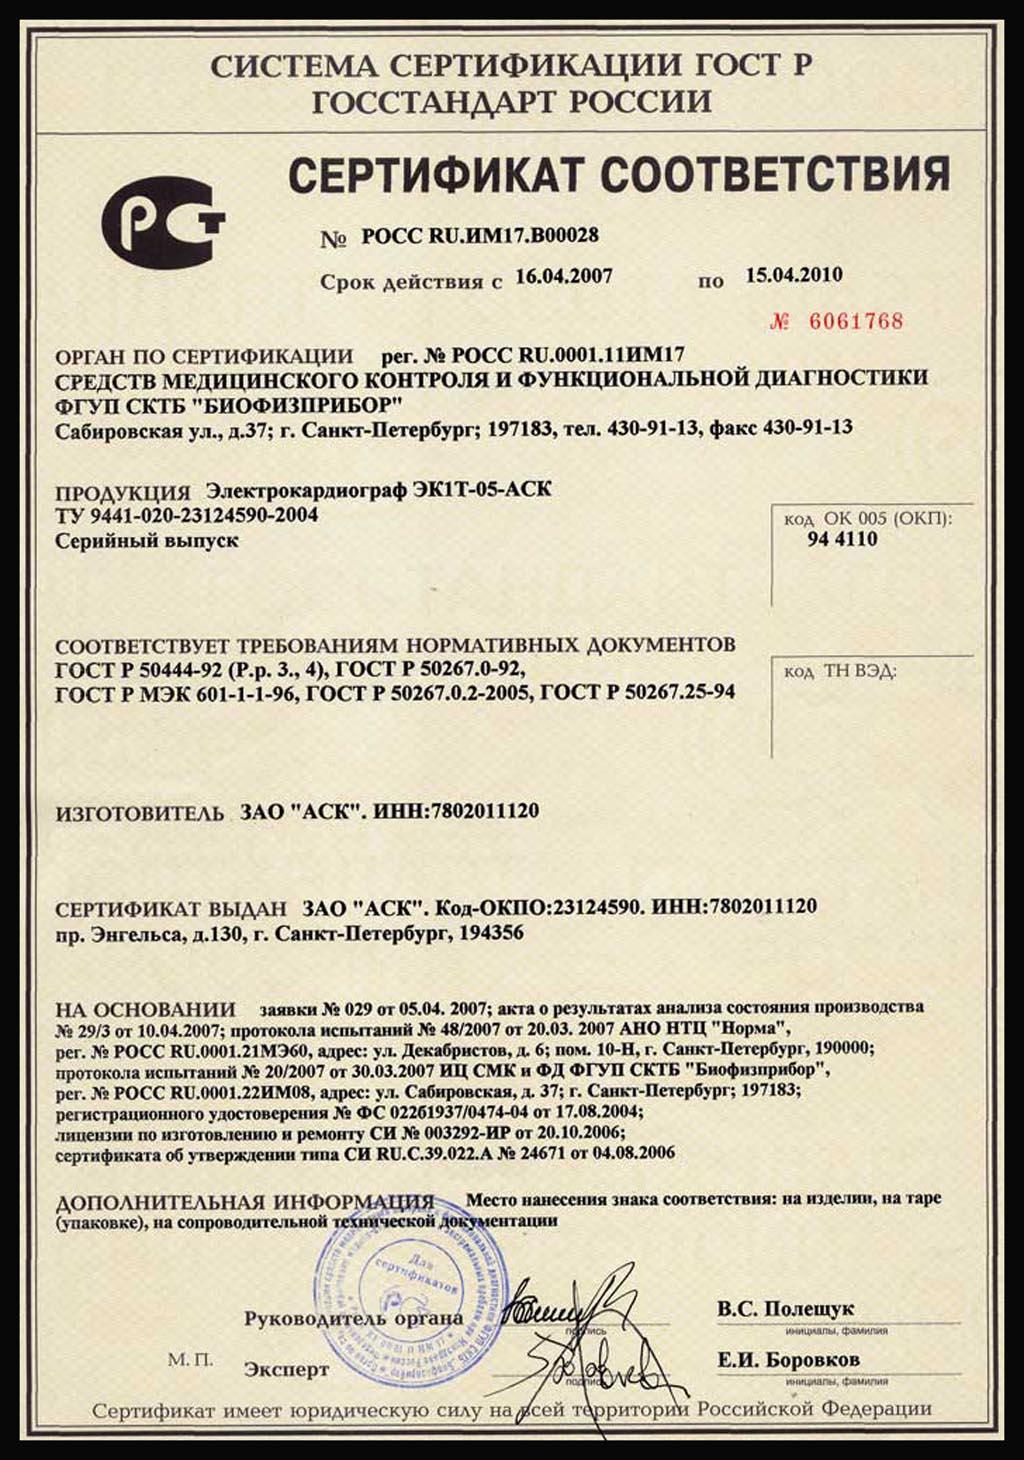 сертификат ЭК1Т-05-АСК электрокардиограф